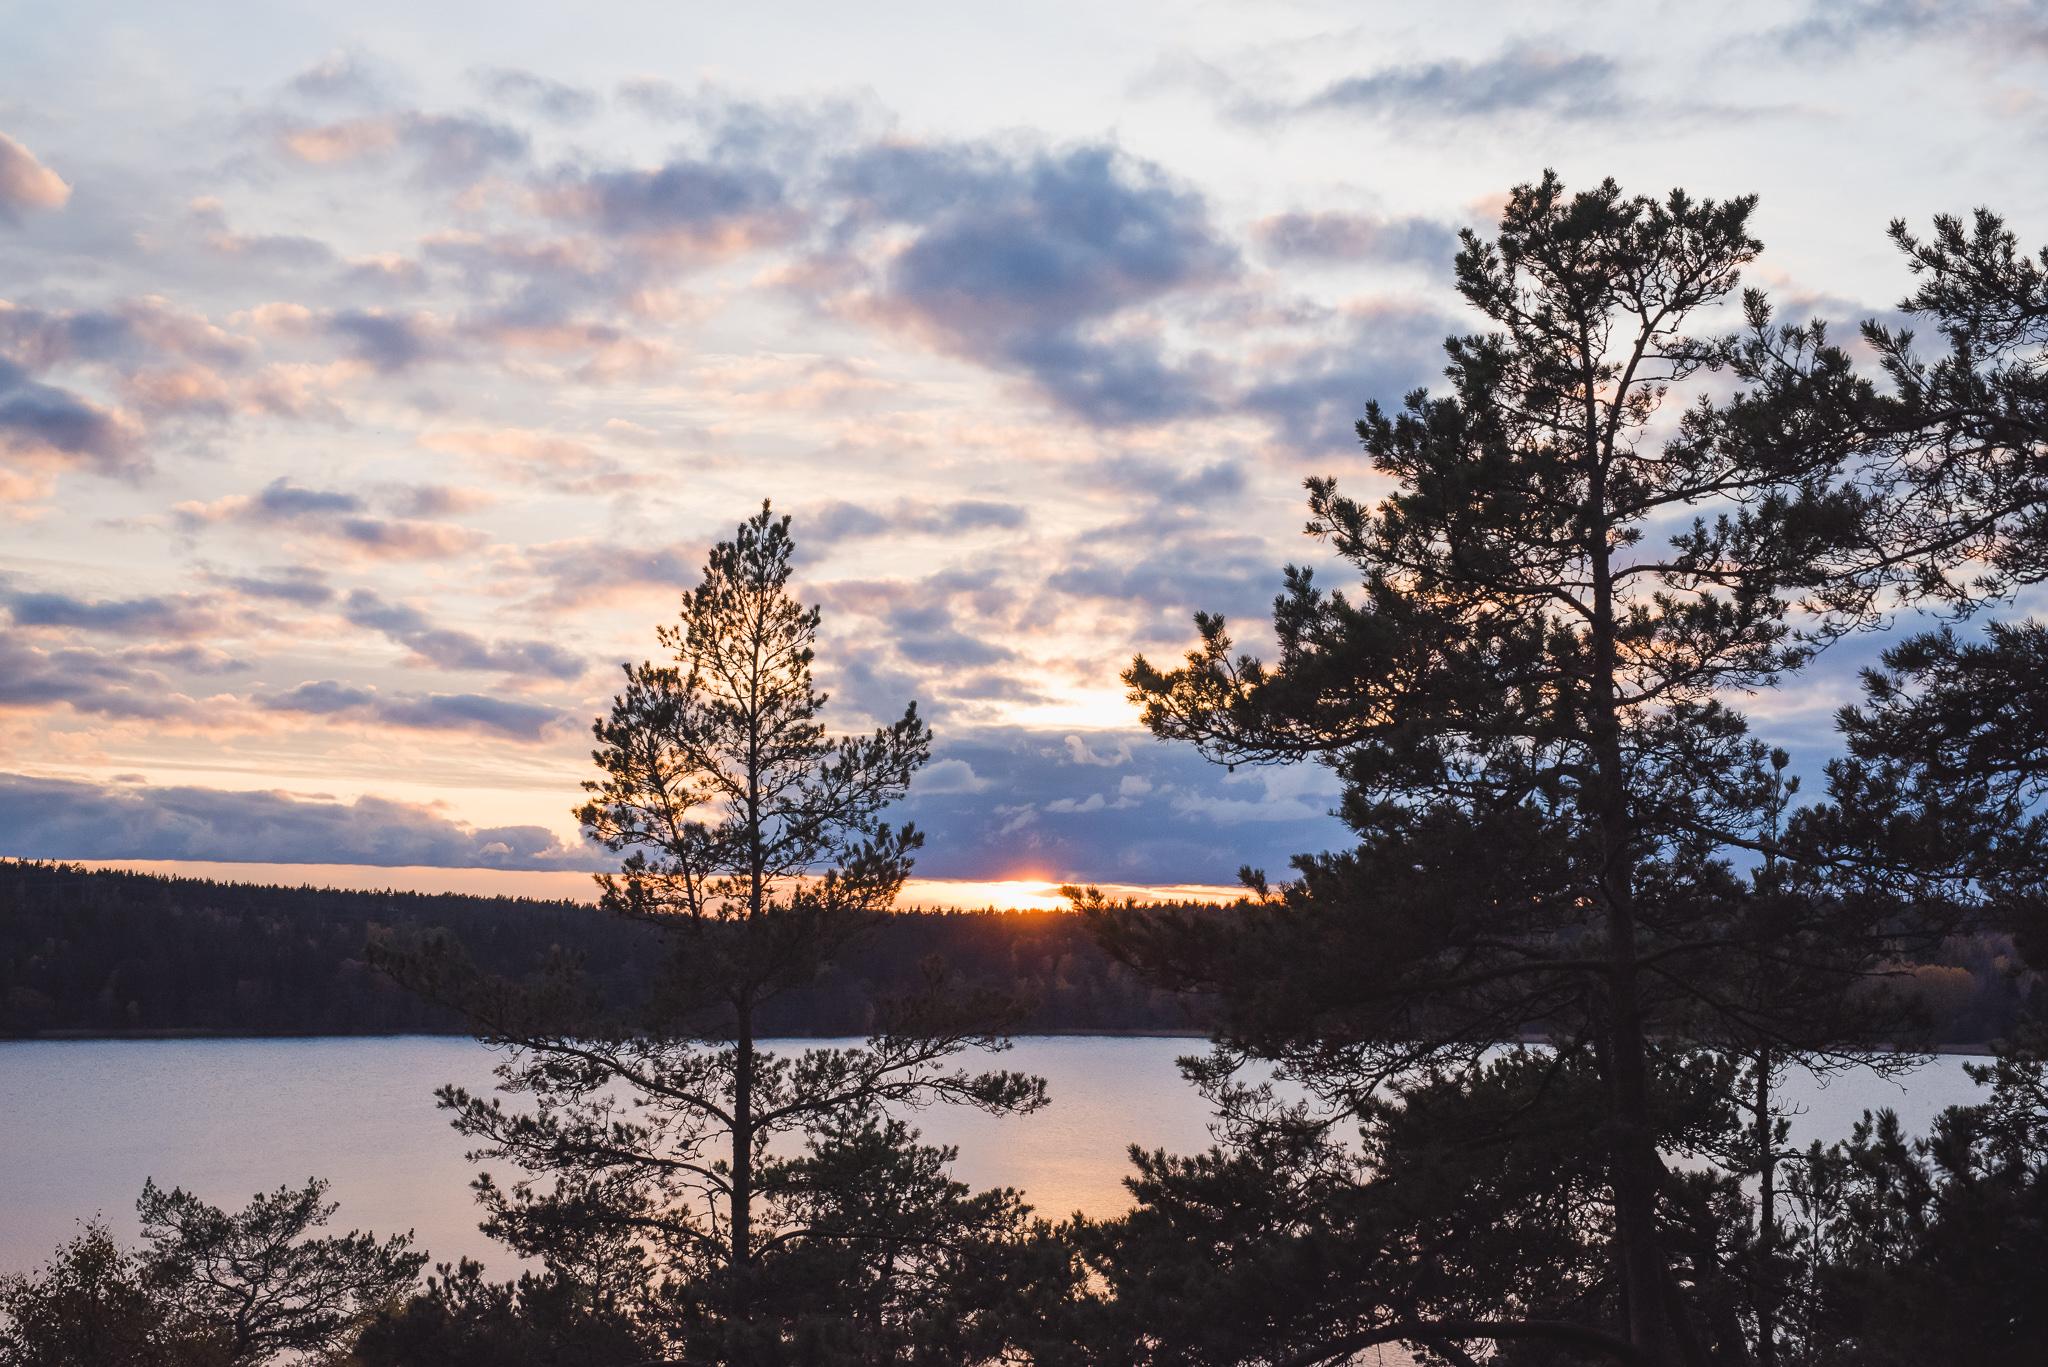 utsikt fran upplandsleden i solnedgång